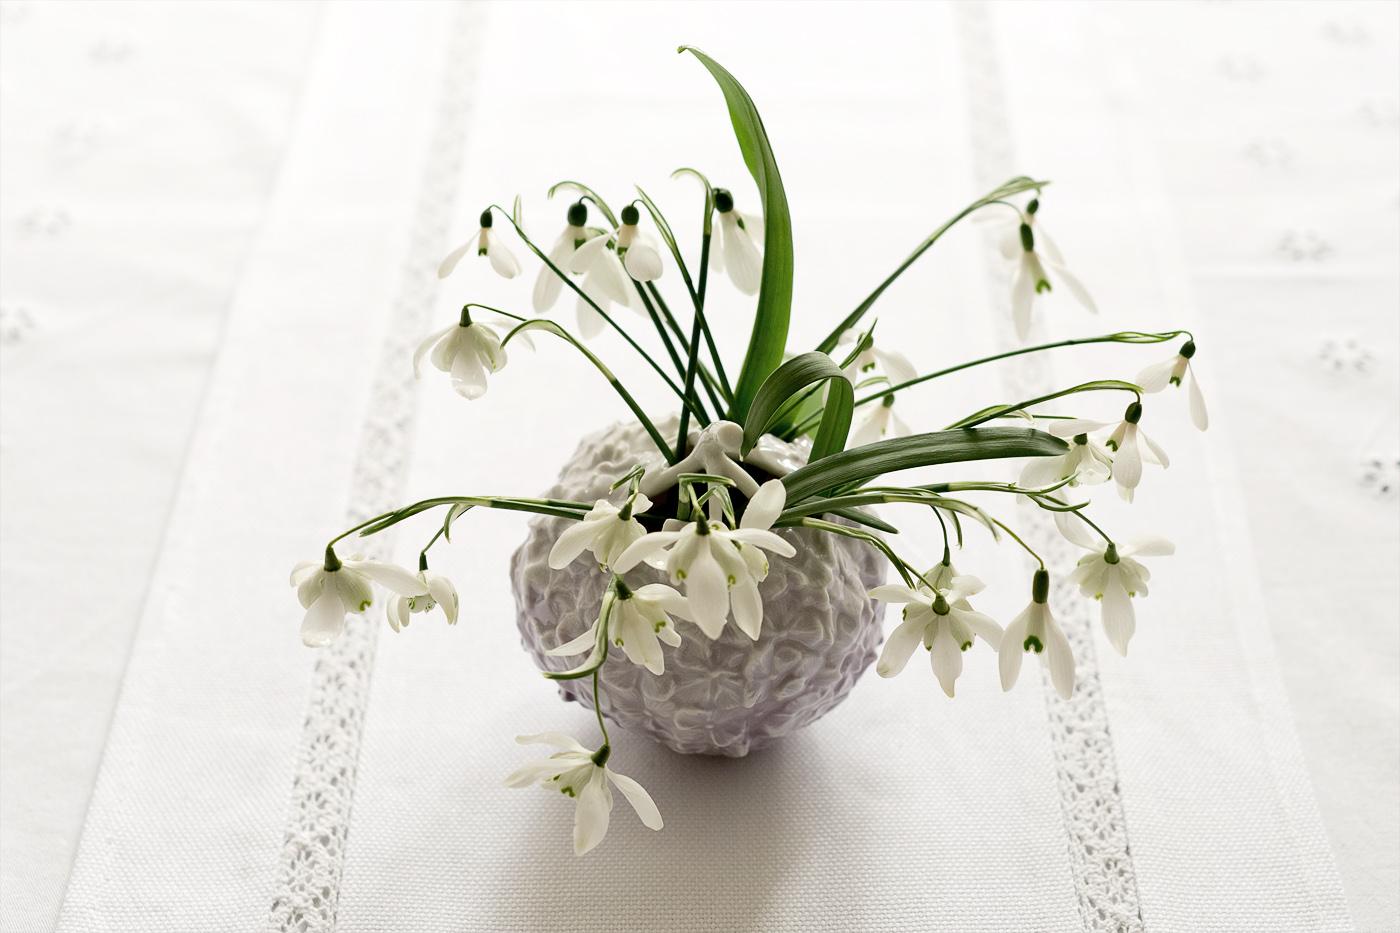 schneegloeckchen strau royal copenhagen vase hortensie 5 mood for style fashion blog from. Black Bedroom Furniture Sets. Home Design Ideas